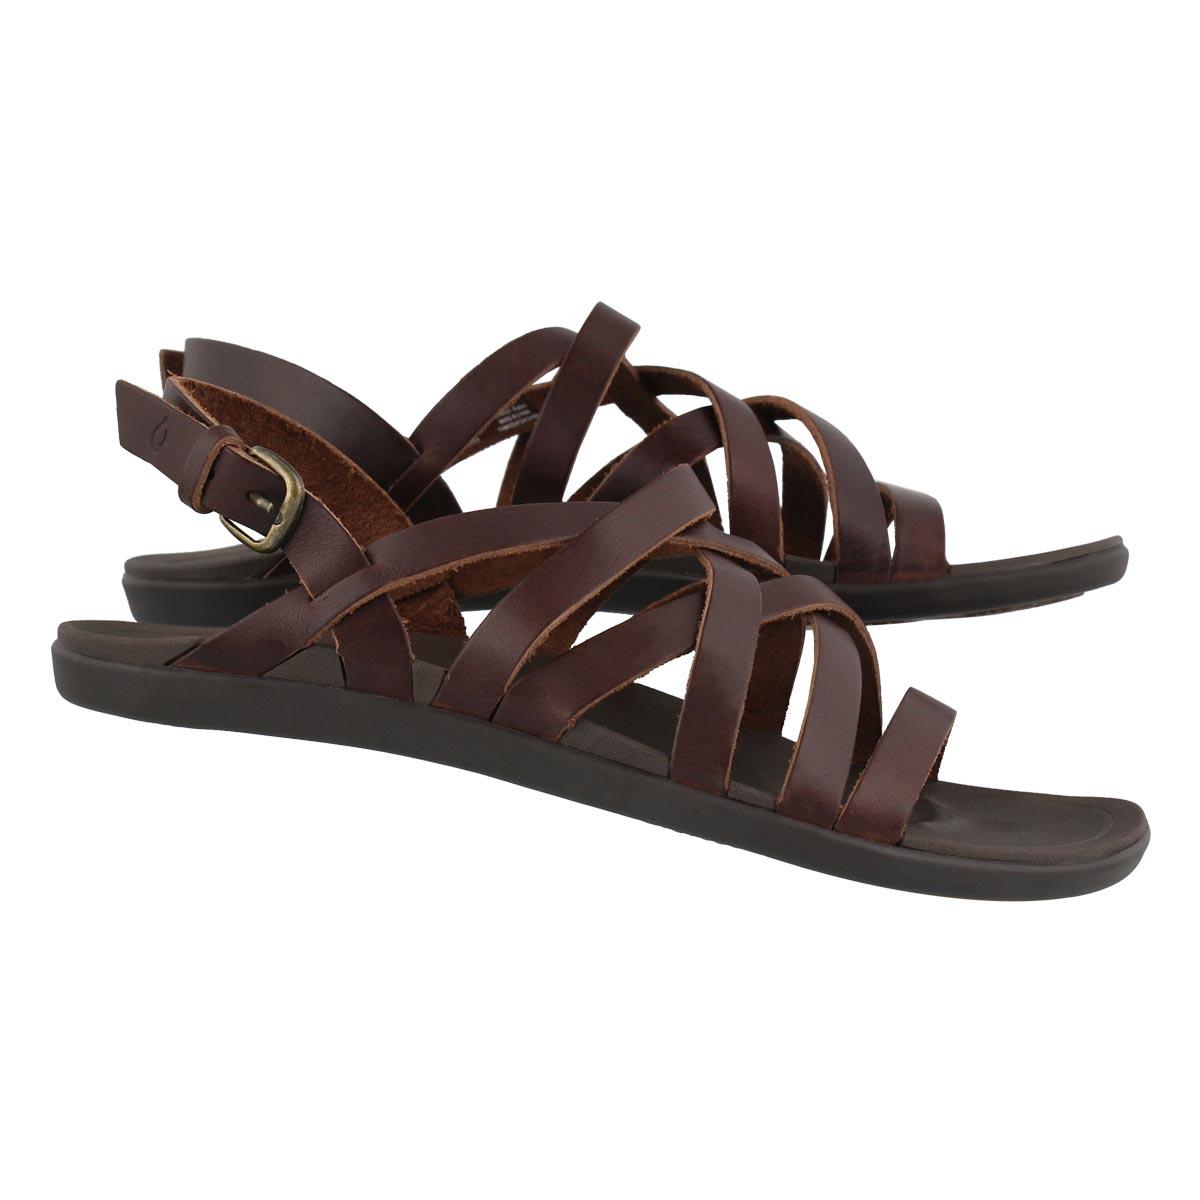 Lds 'Awe'Awe dark java casual sandal